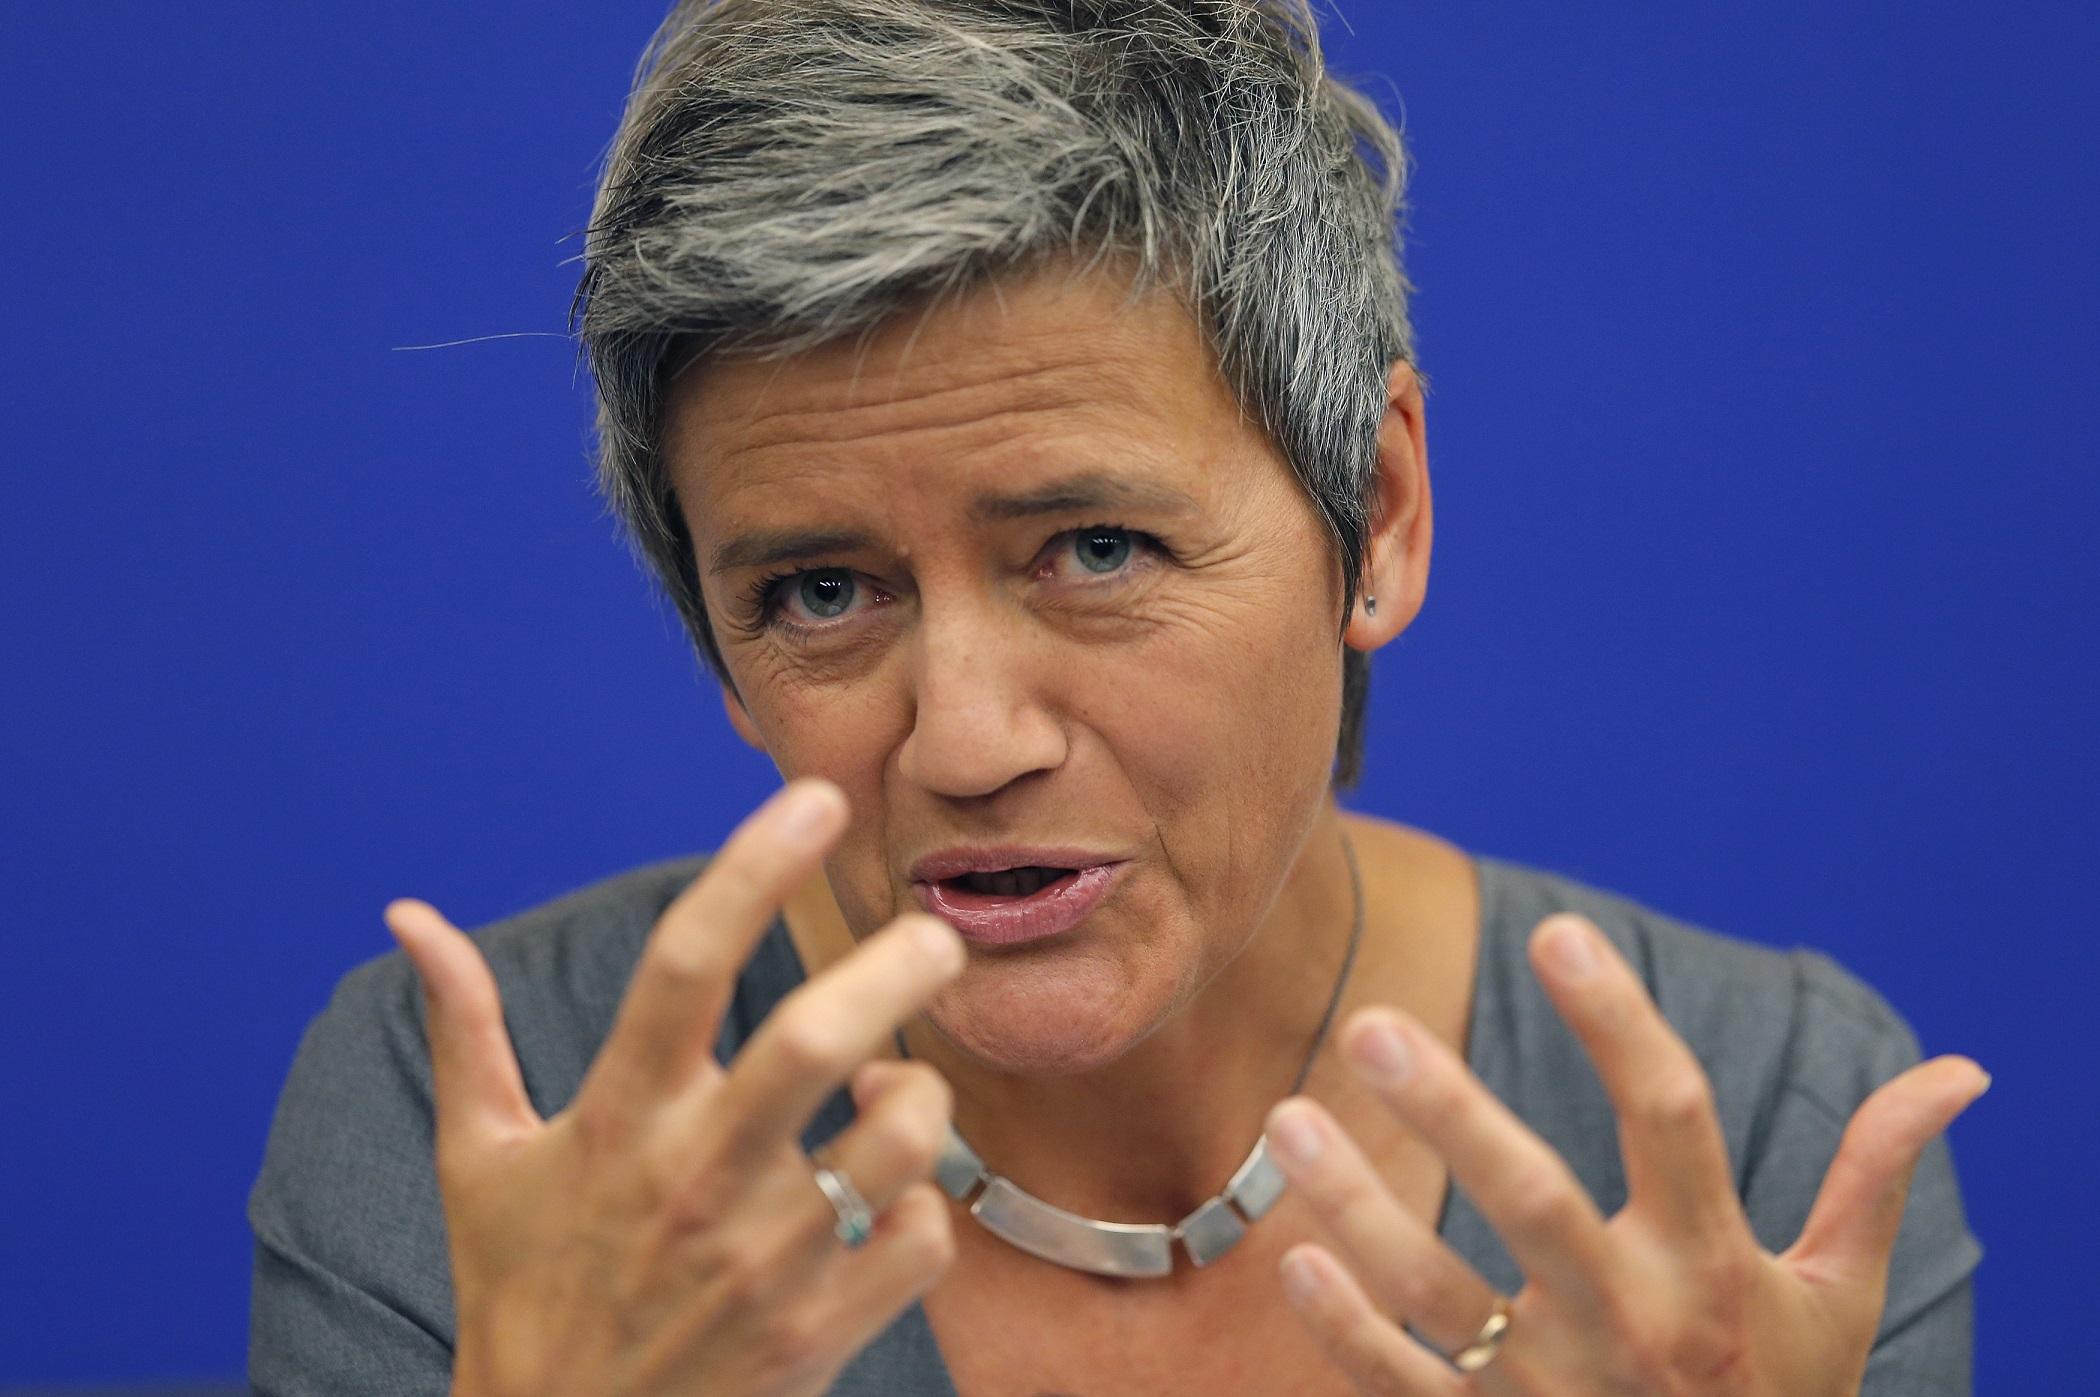 La UE multa a Barclays, JPMorgan, RBS y Citi con 1.070 millones por cártel